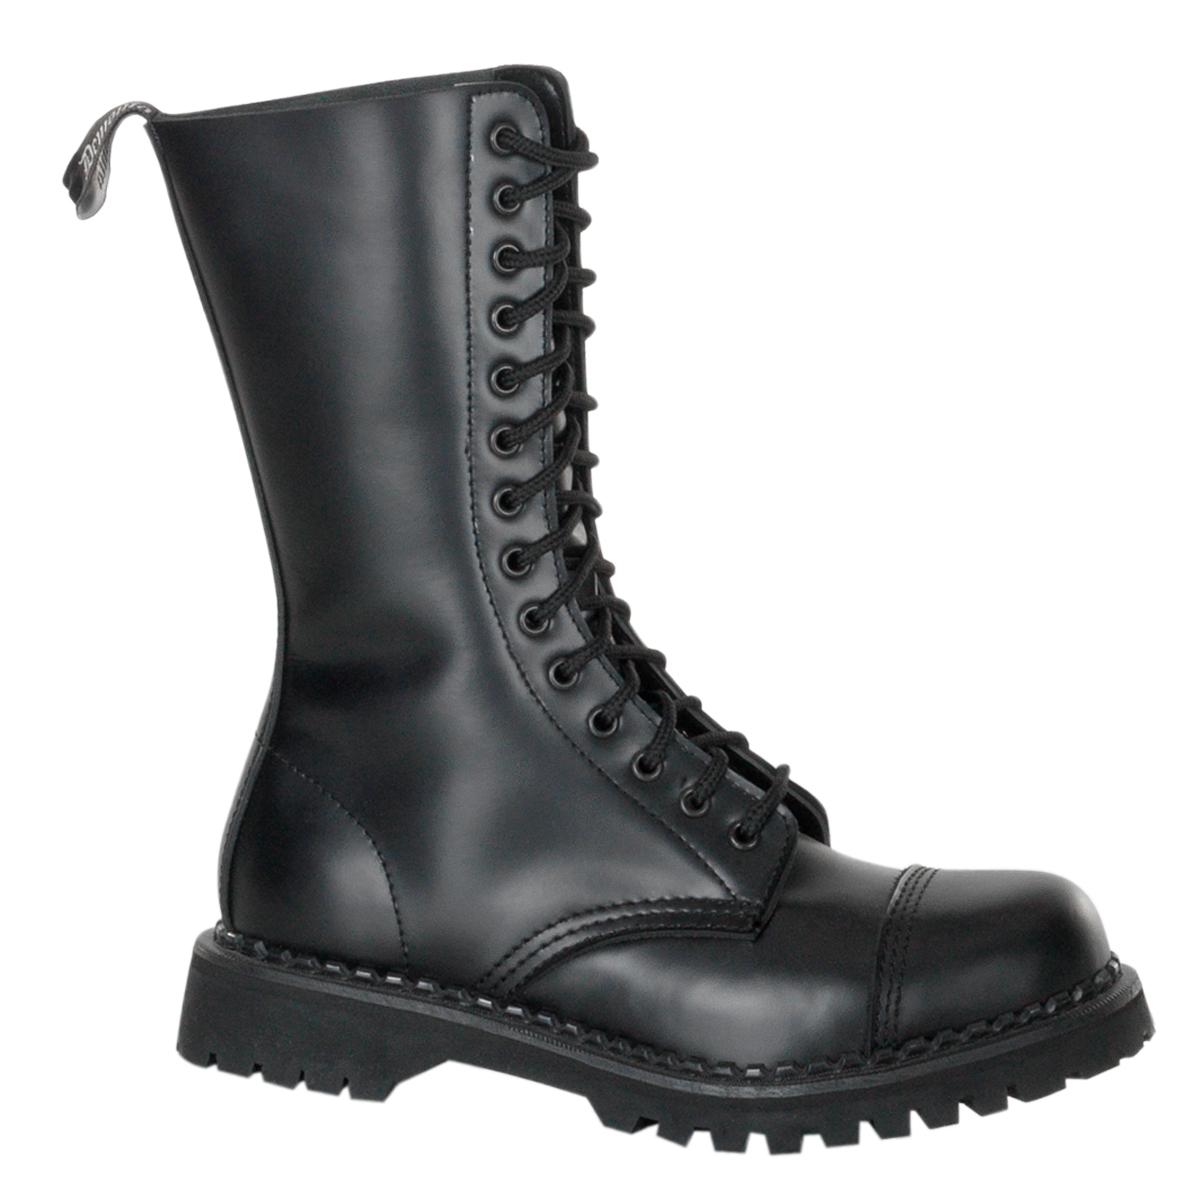 Demonia Gothic Stiefel STEAM 20 Braun 36 EU: